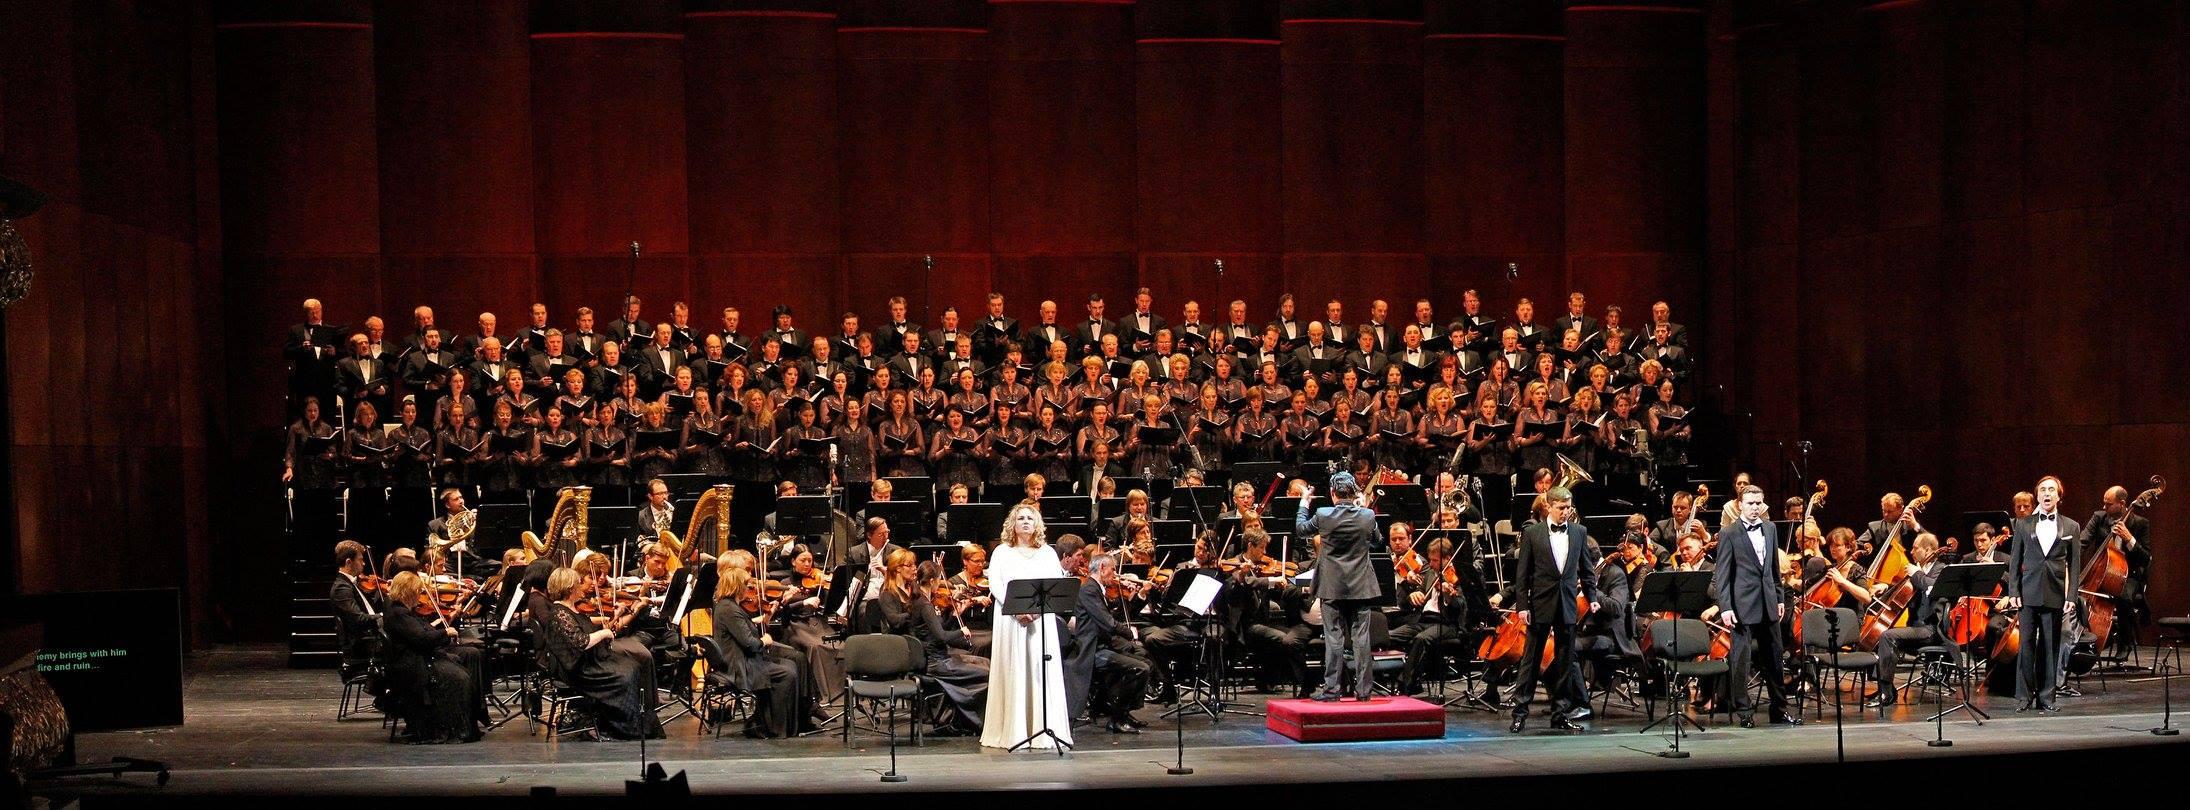 «Орлеанская дева»: в Большом состоялось концертное исполнение оперы П.И.Чайковского. Фото - Федор Борисович